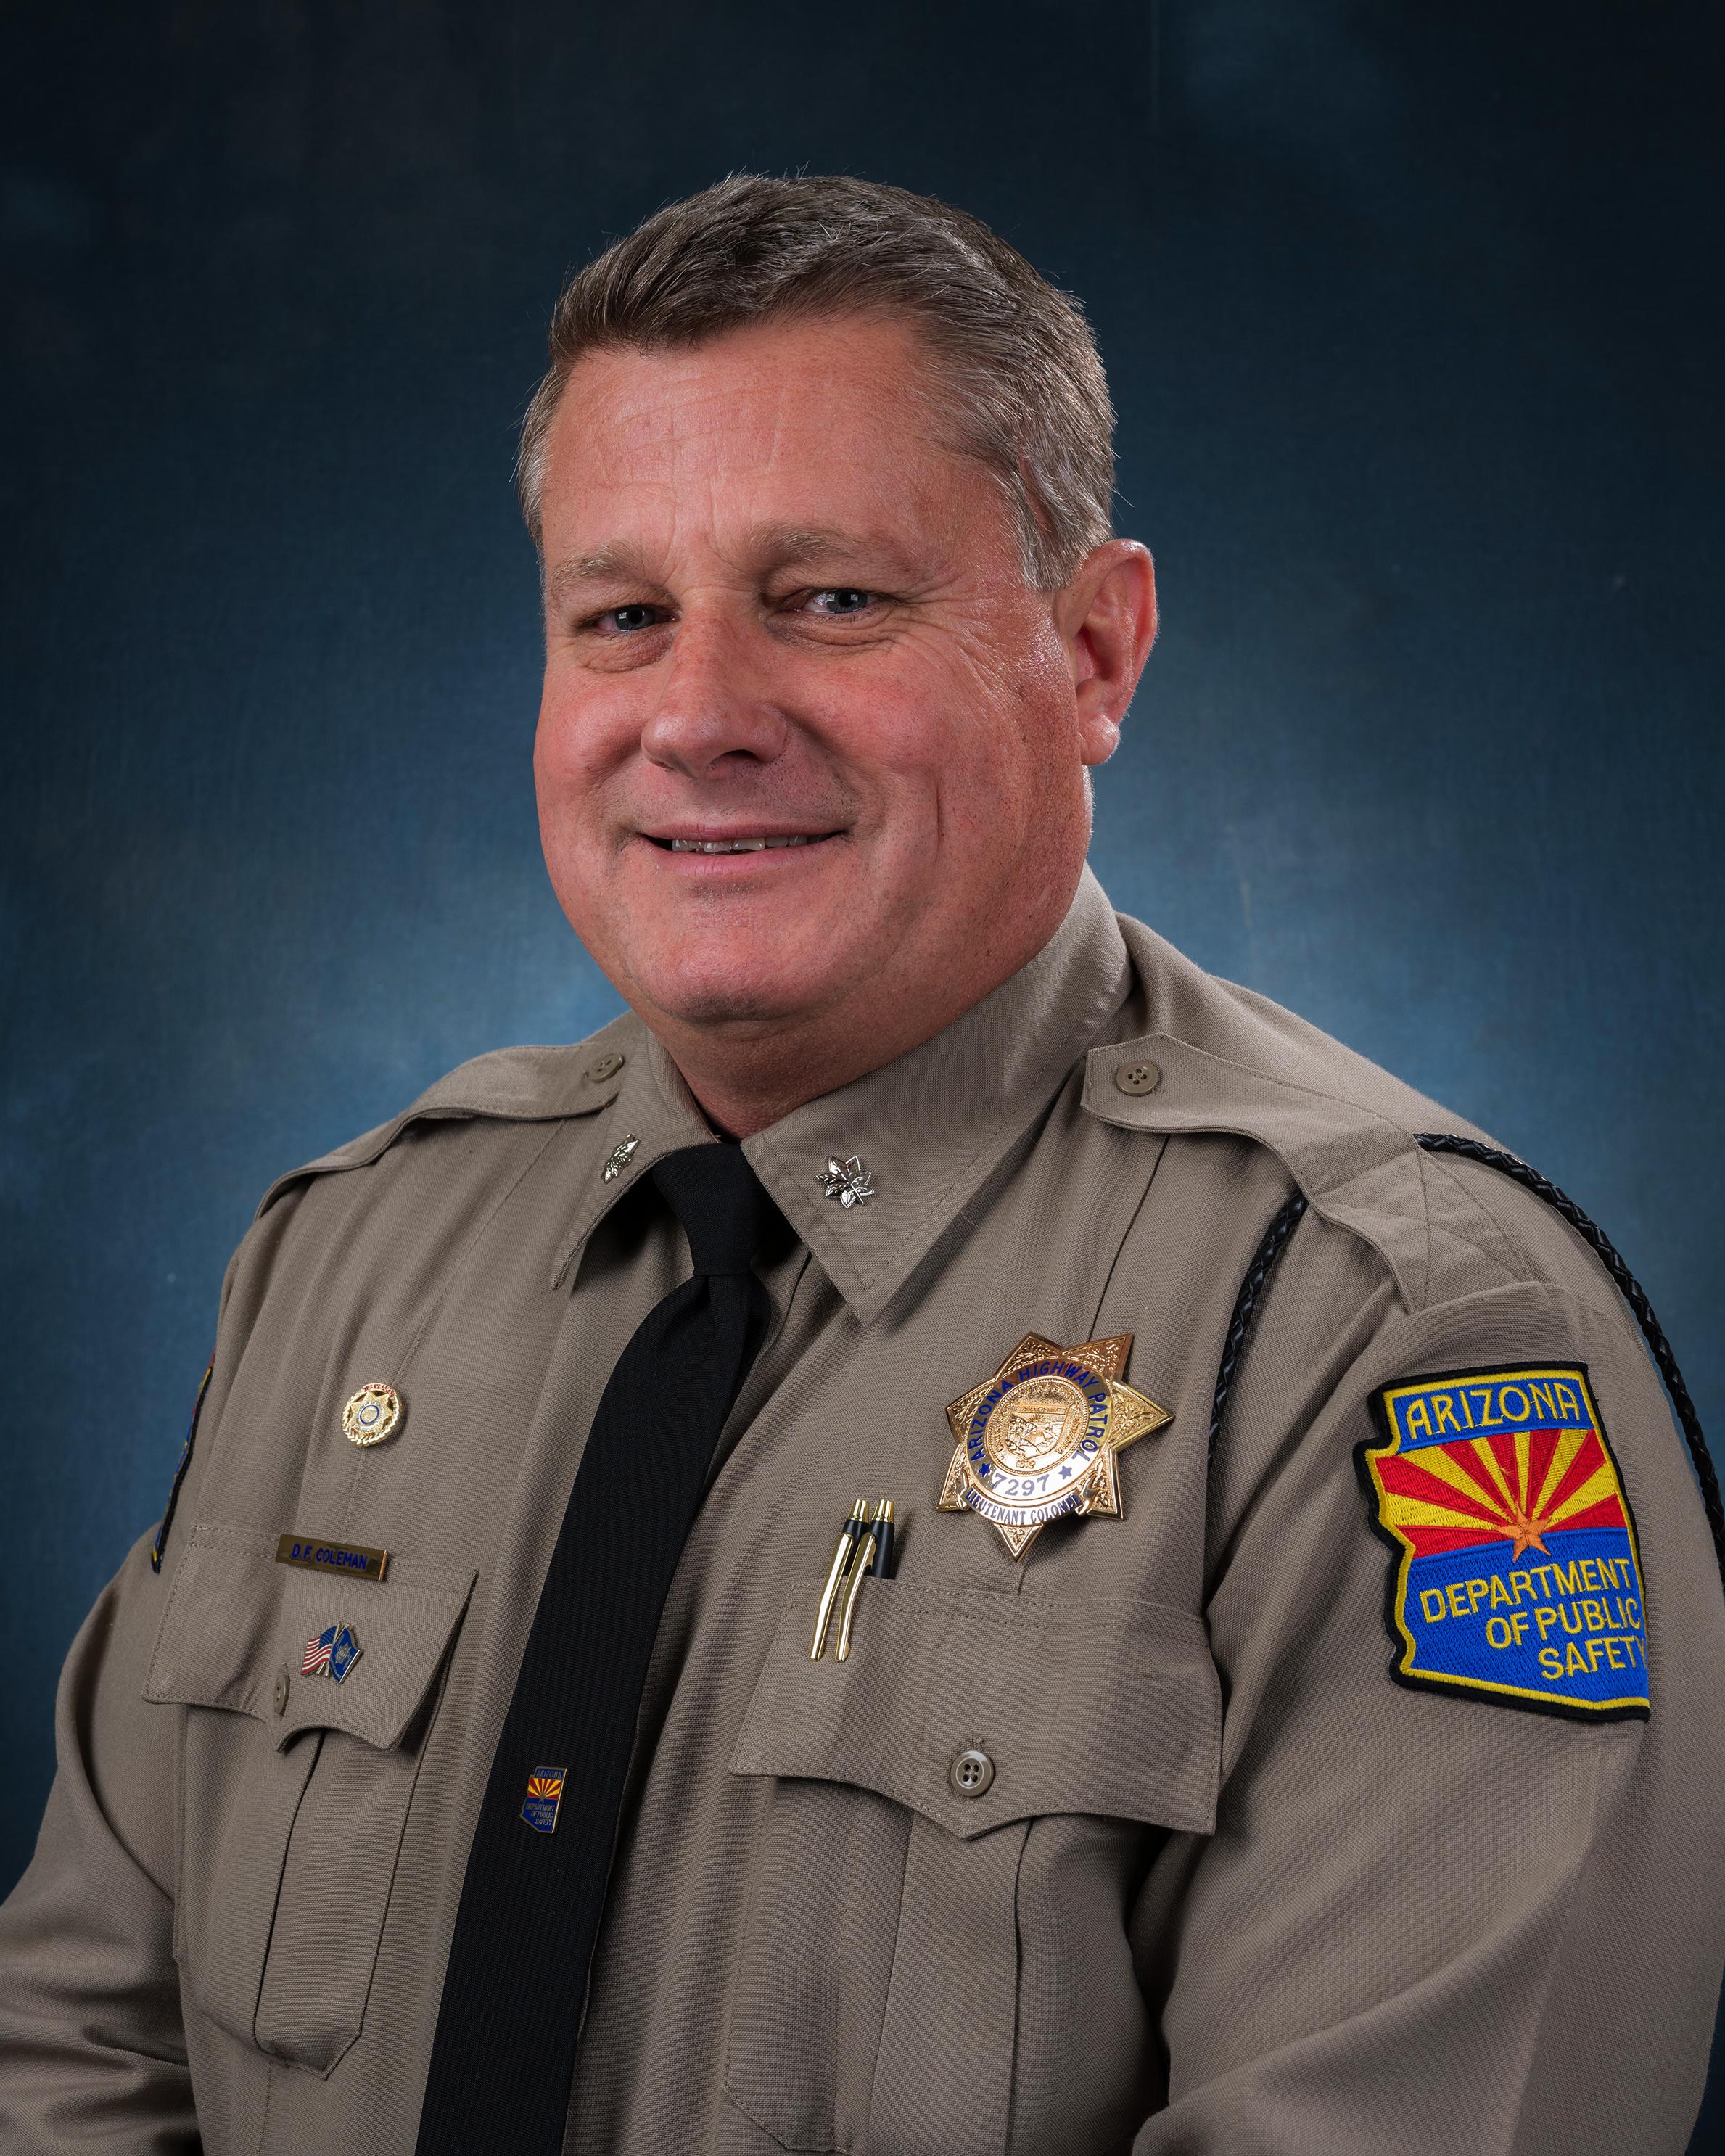 Lt. Col. Coleman Portrait